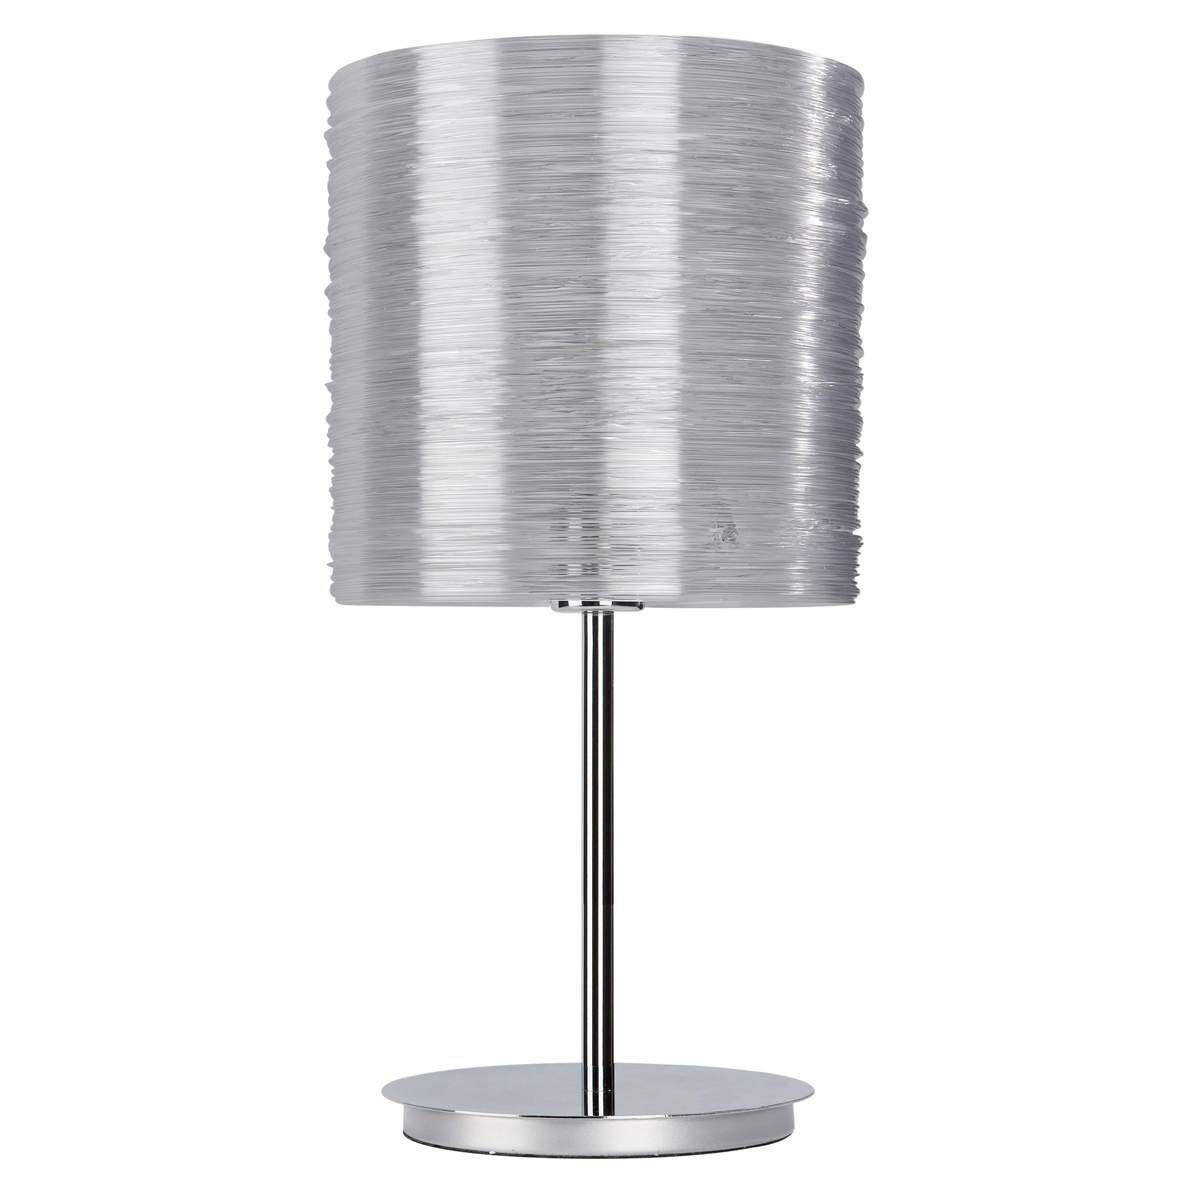 Lampe Led Dimmbar Nachttischlampe Schirm Tischlampe Eckig Design Tischlampe Moderne Leuchten Lampe Moderne Leuchten Lampen